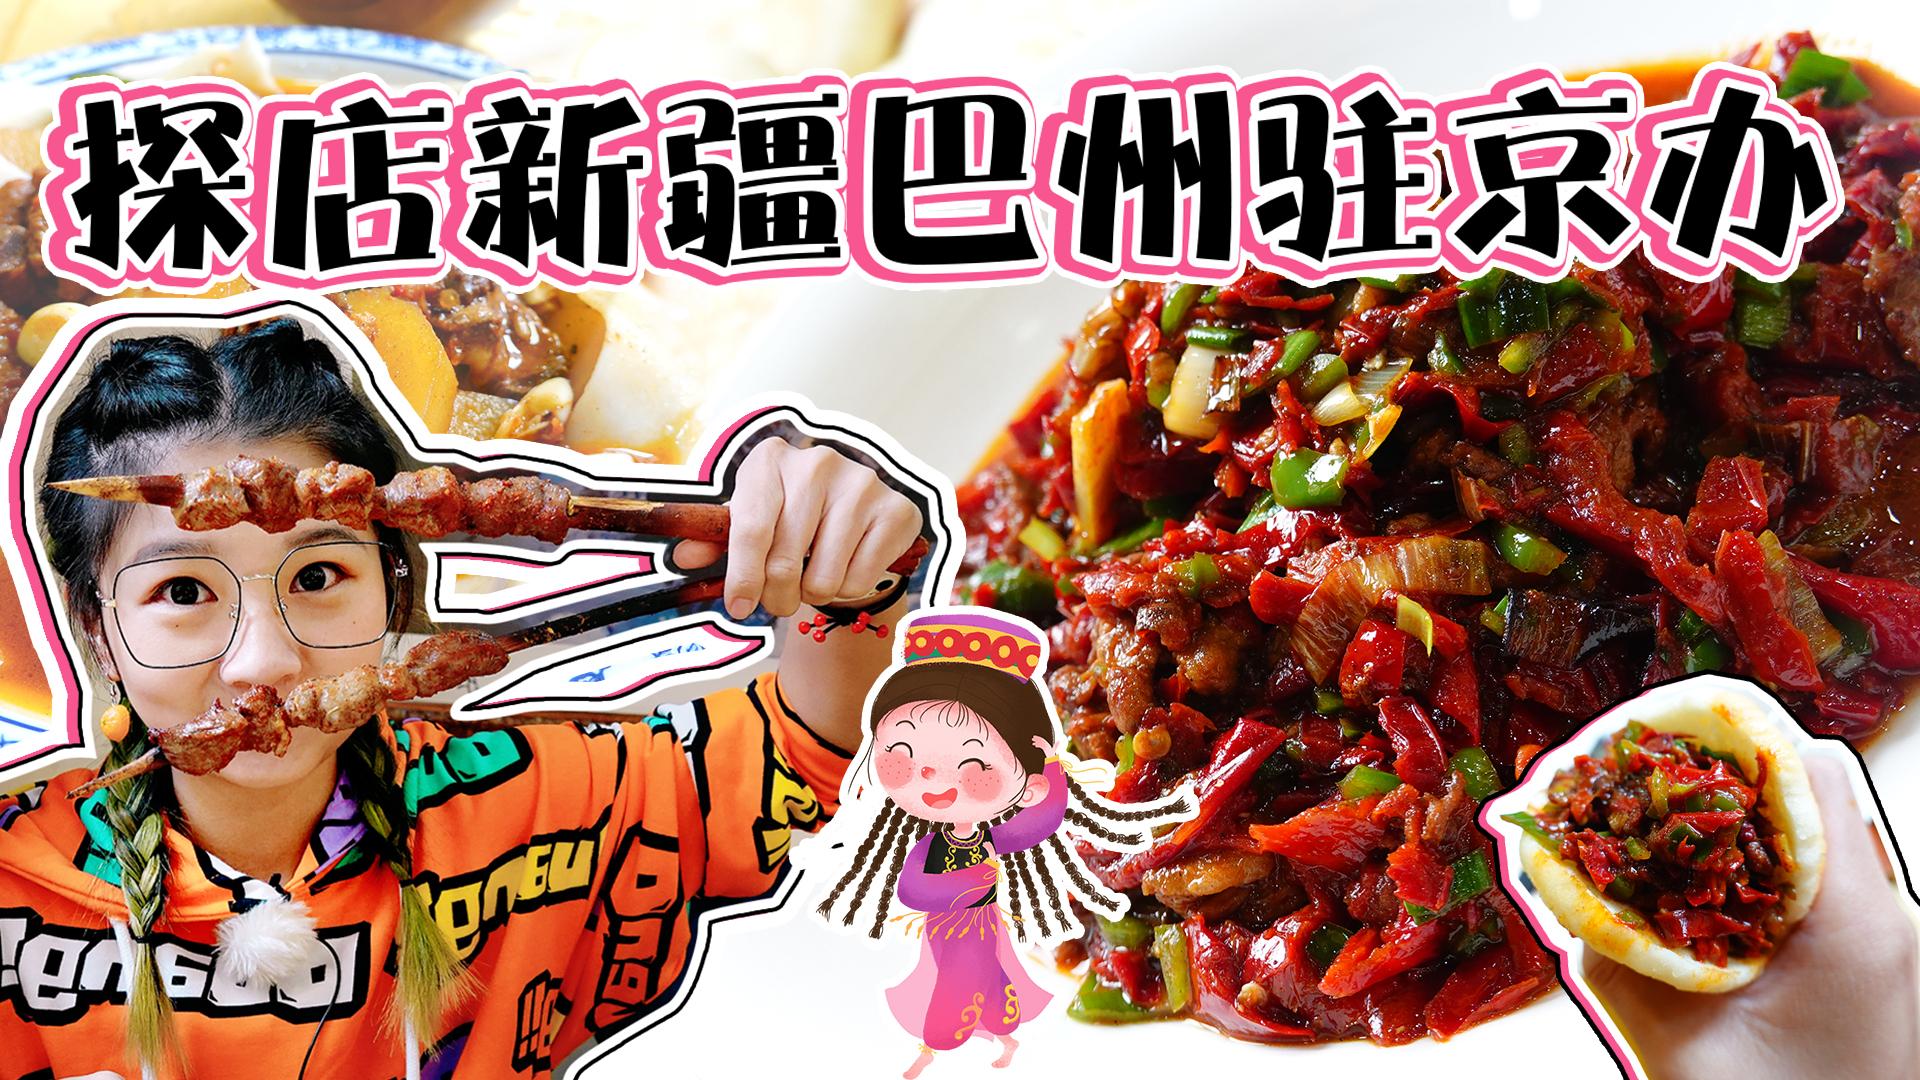 【逛吃北京】探秘新疆巴州驻京办餐厅,惊喜的辣皮子夹馍,超好吃